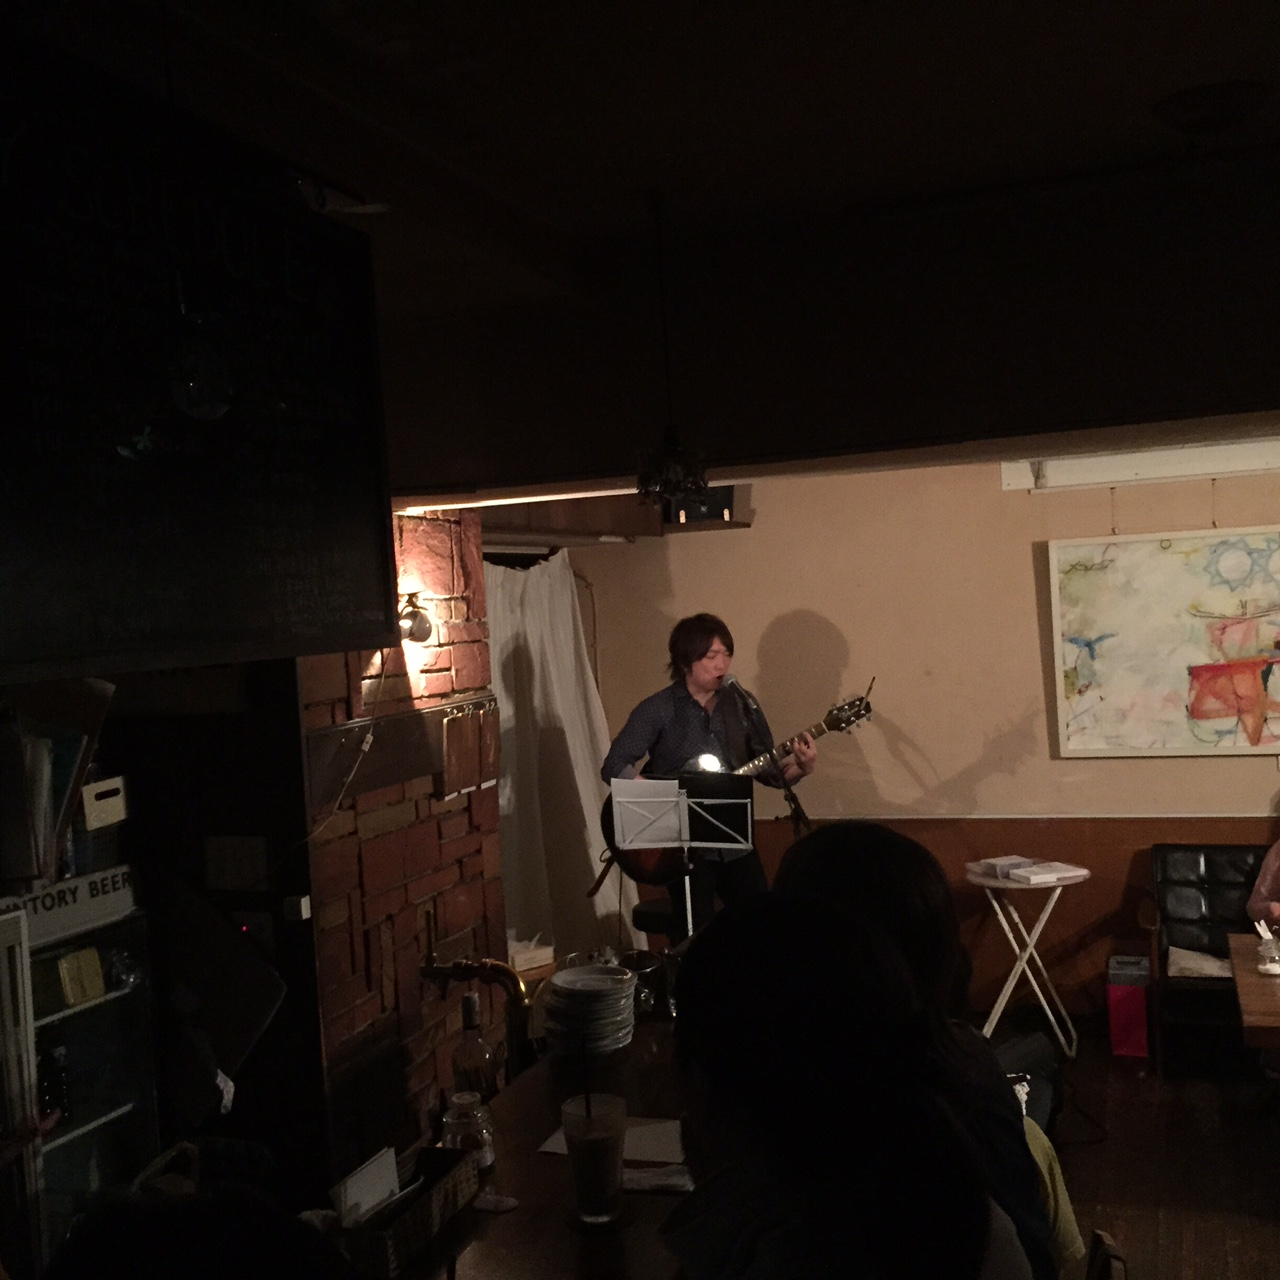 塚田哲夫ワンマンライブ in navi cafe